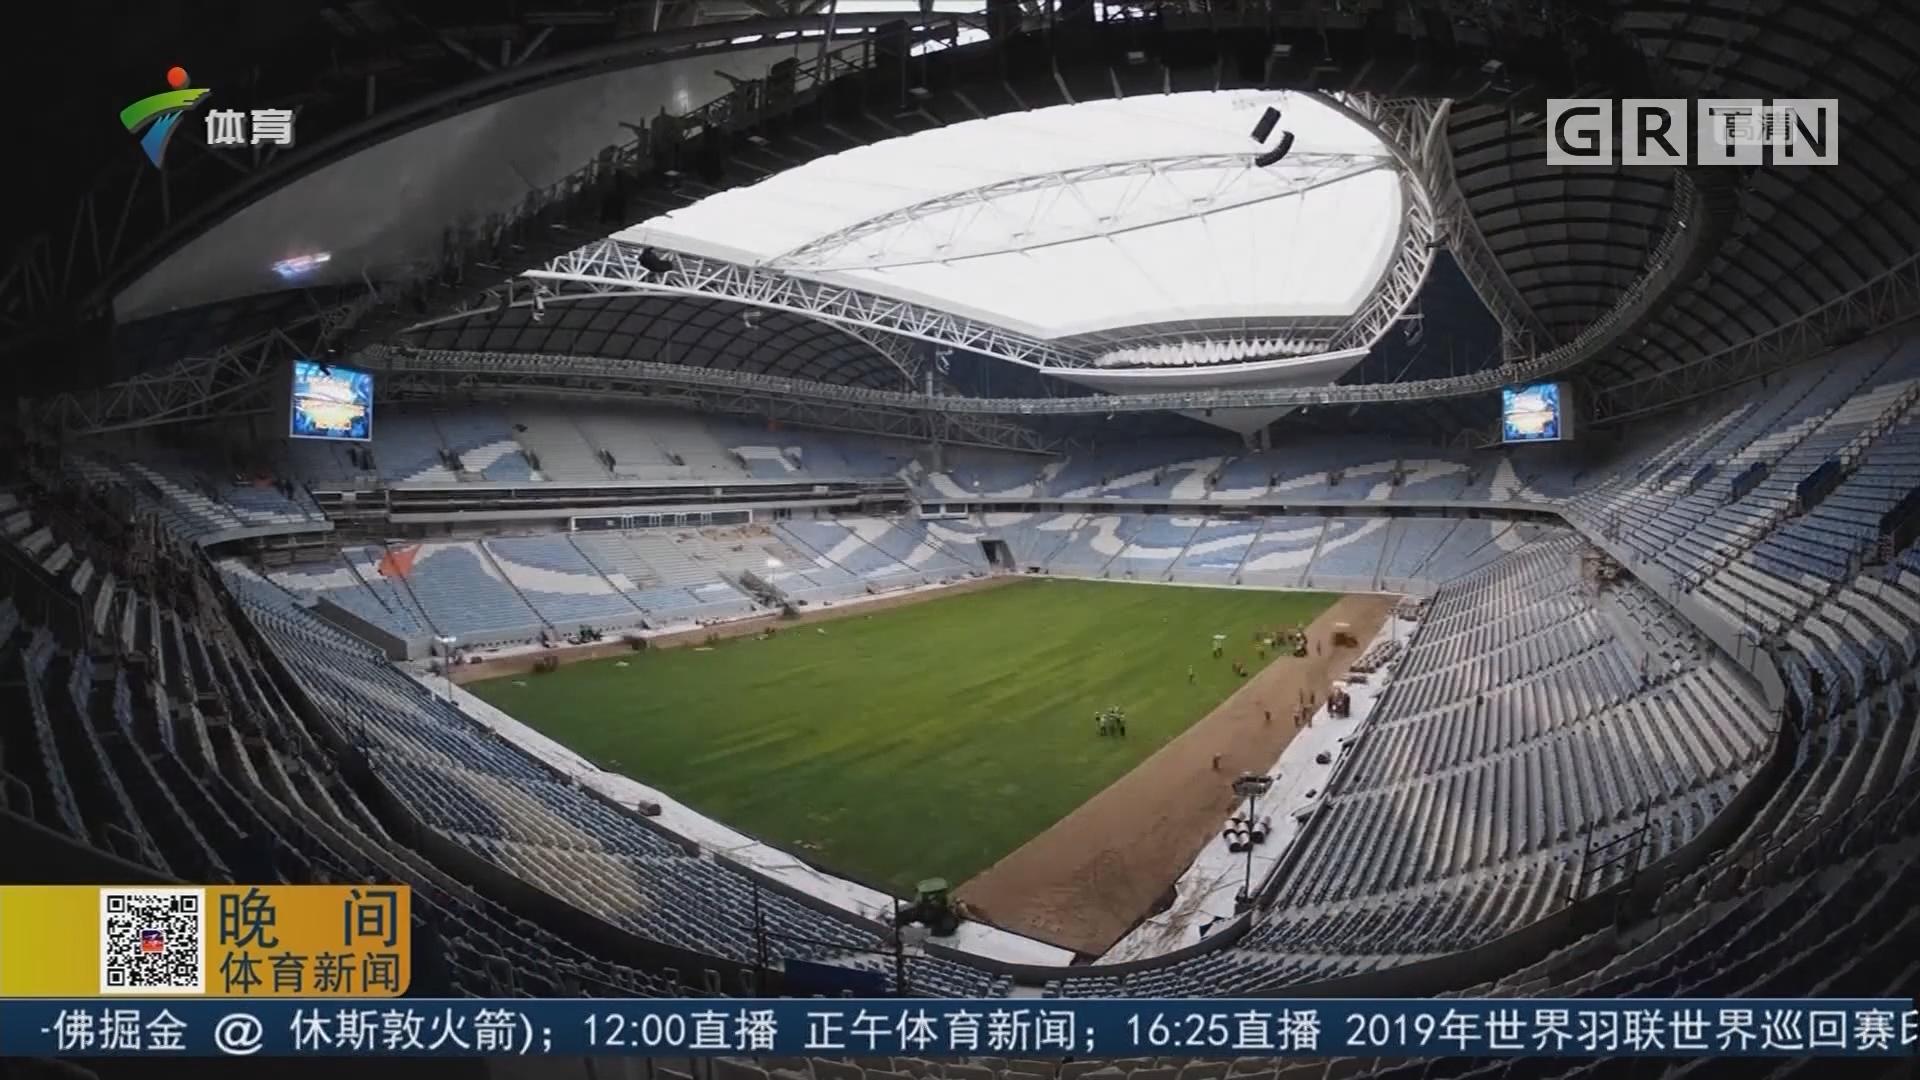 沃克拉体育场创下新的世界纪录